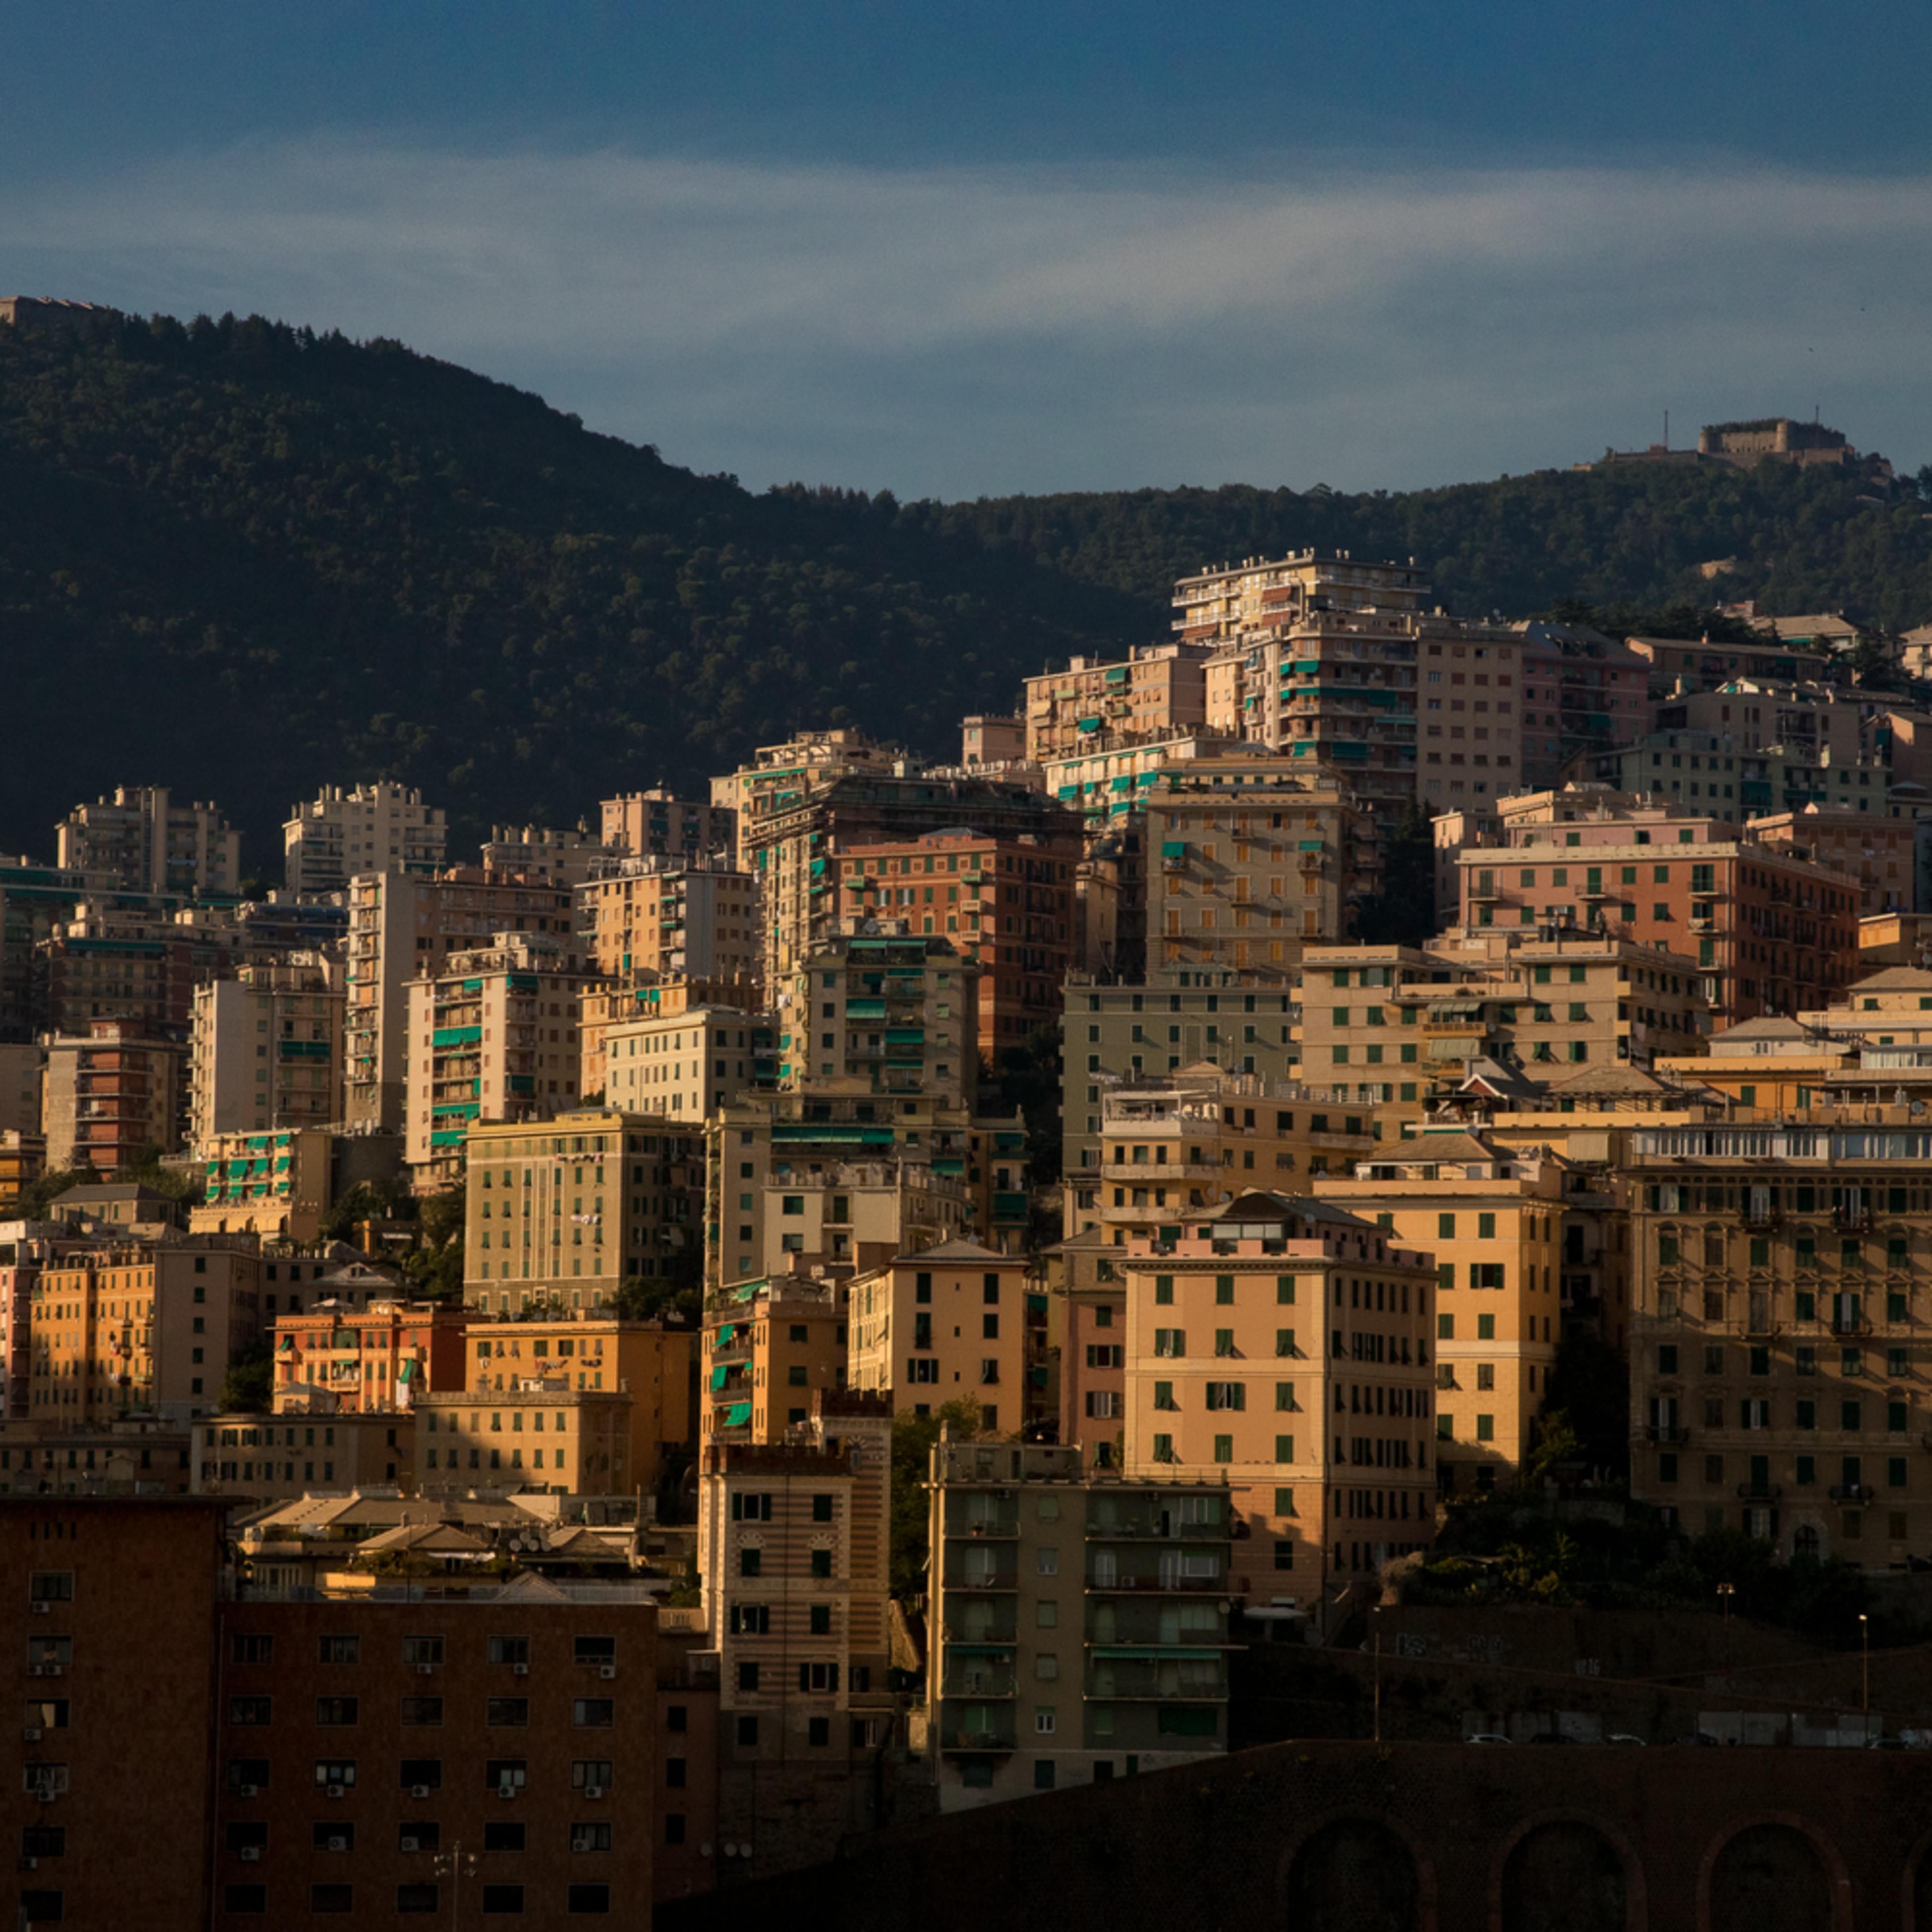 Genoa hillside zogfg2